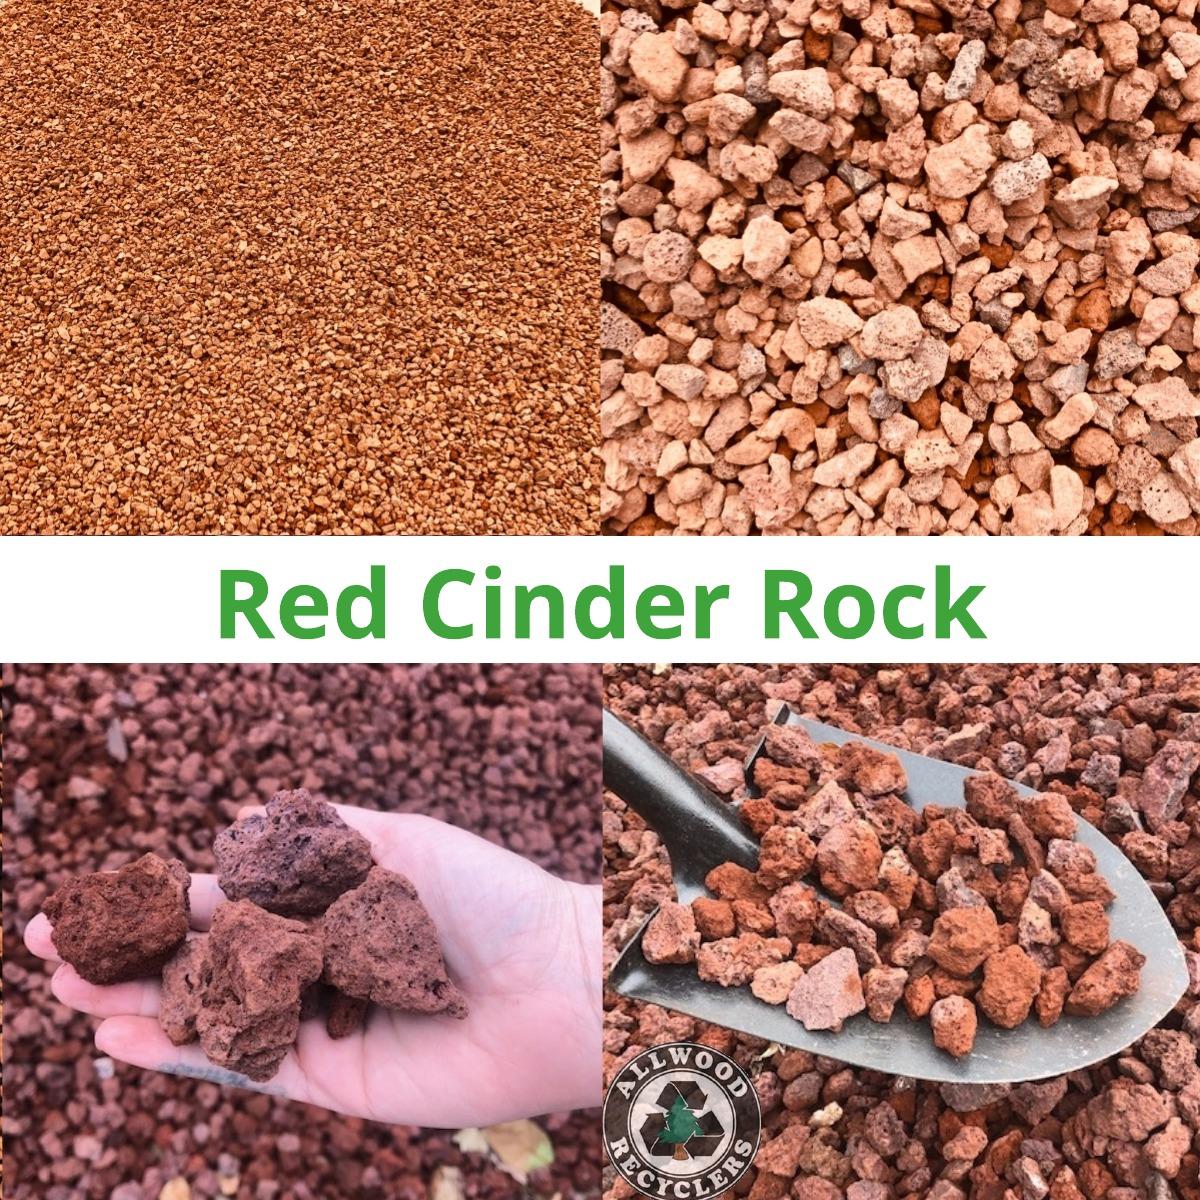 Red Cinder Rock